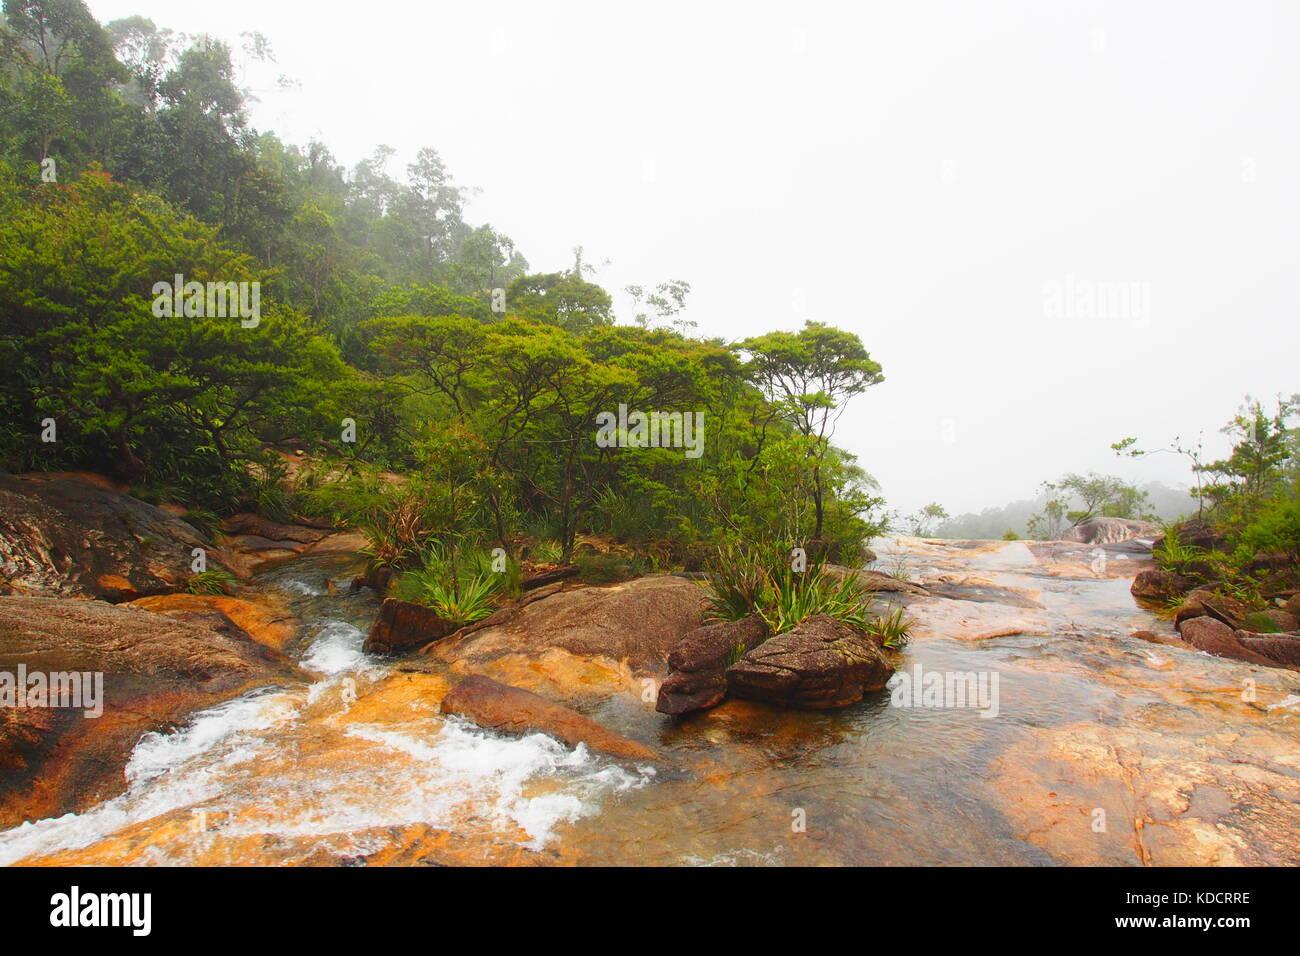 Misty tropical rainforest, Chemerong Berembun Langsir, CBL, malaysia - Stock Image